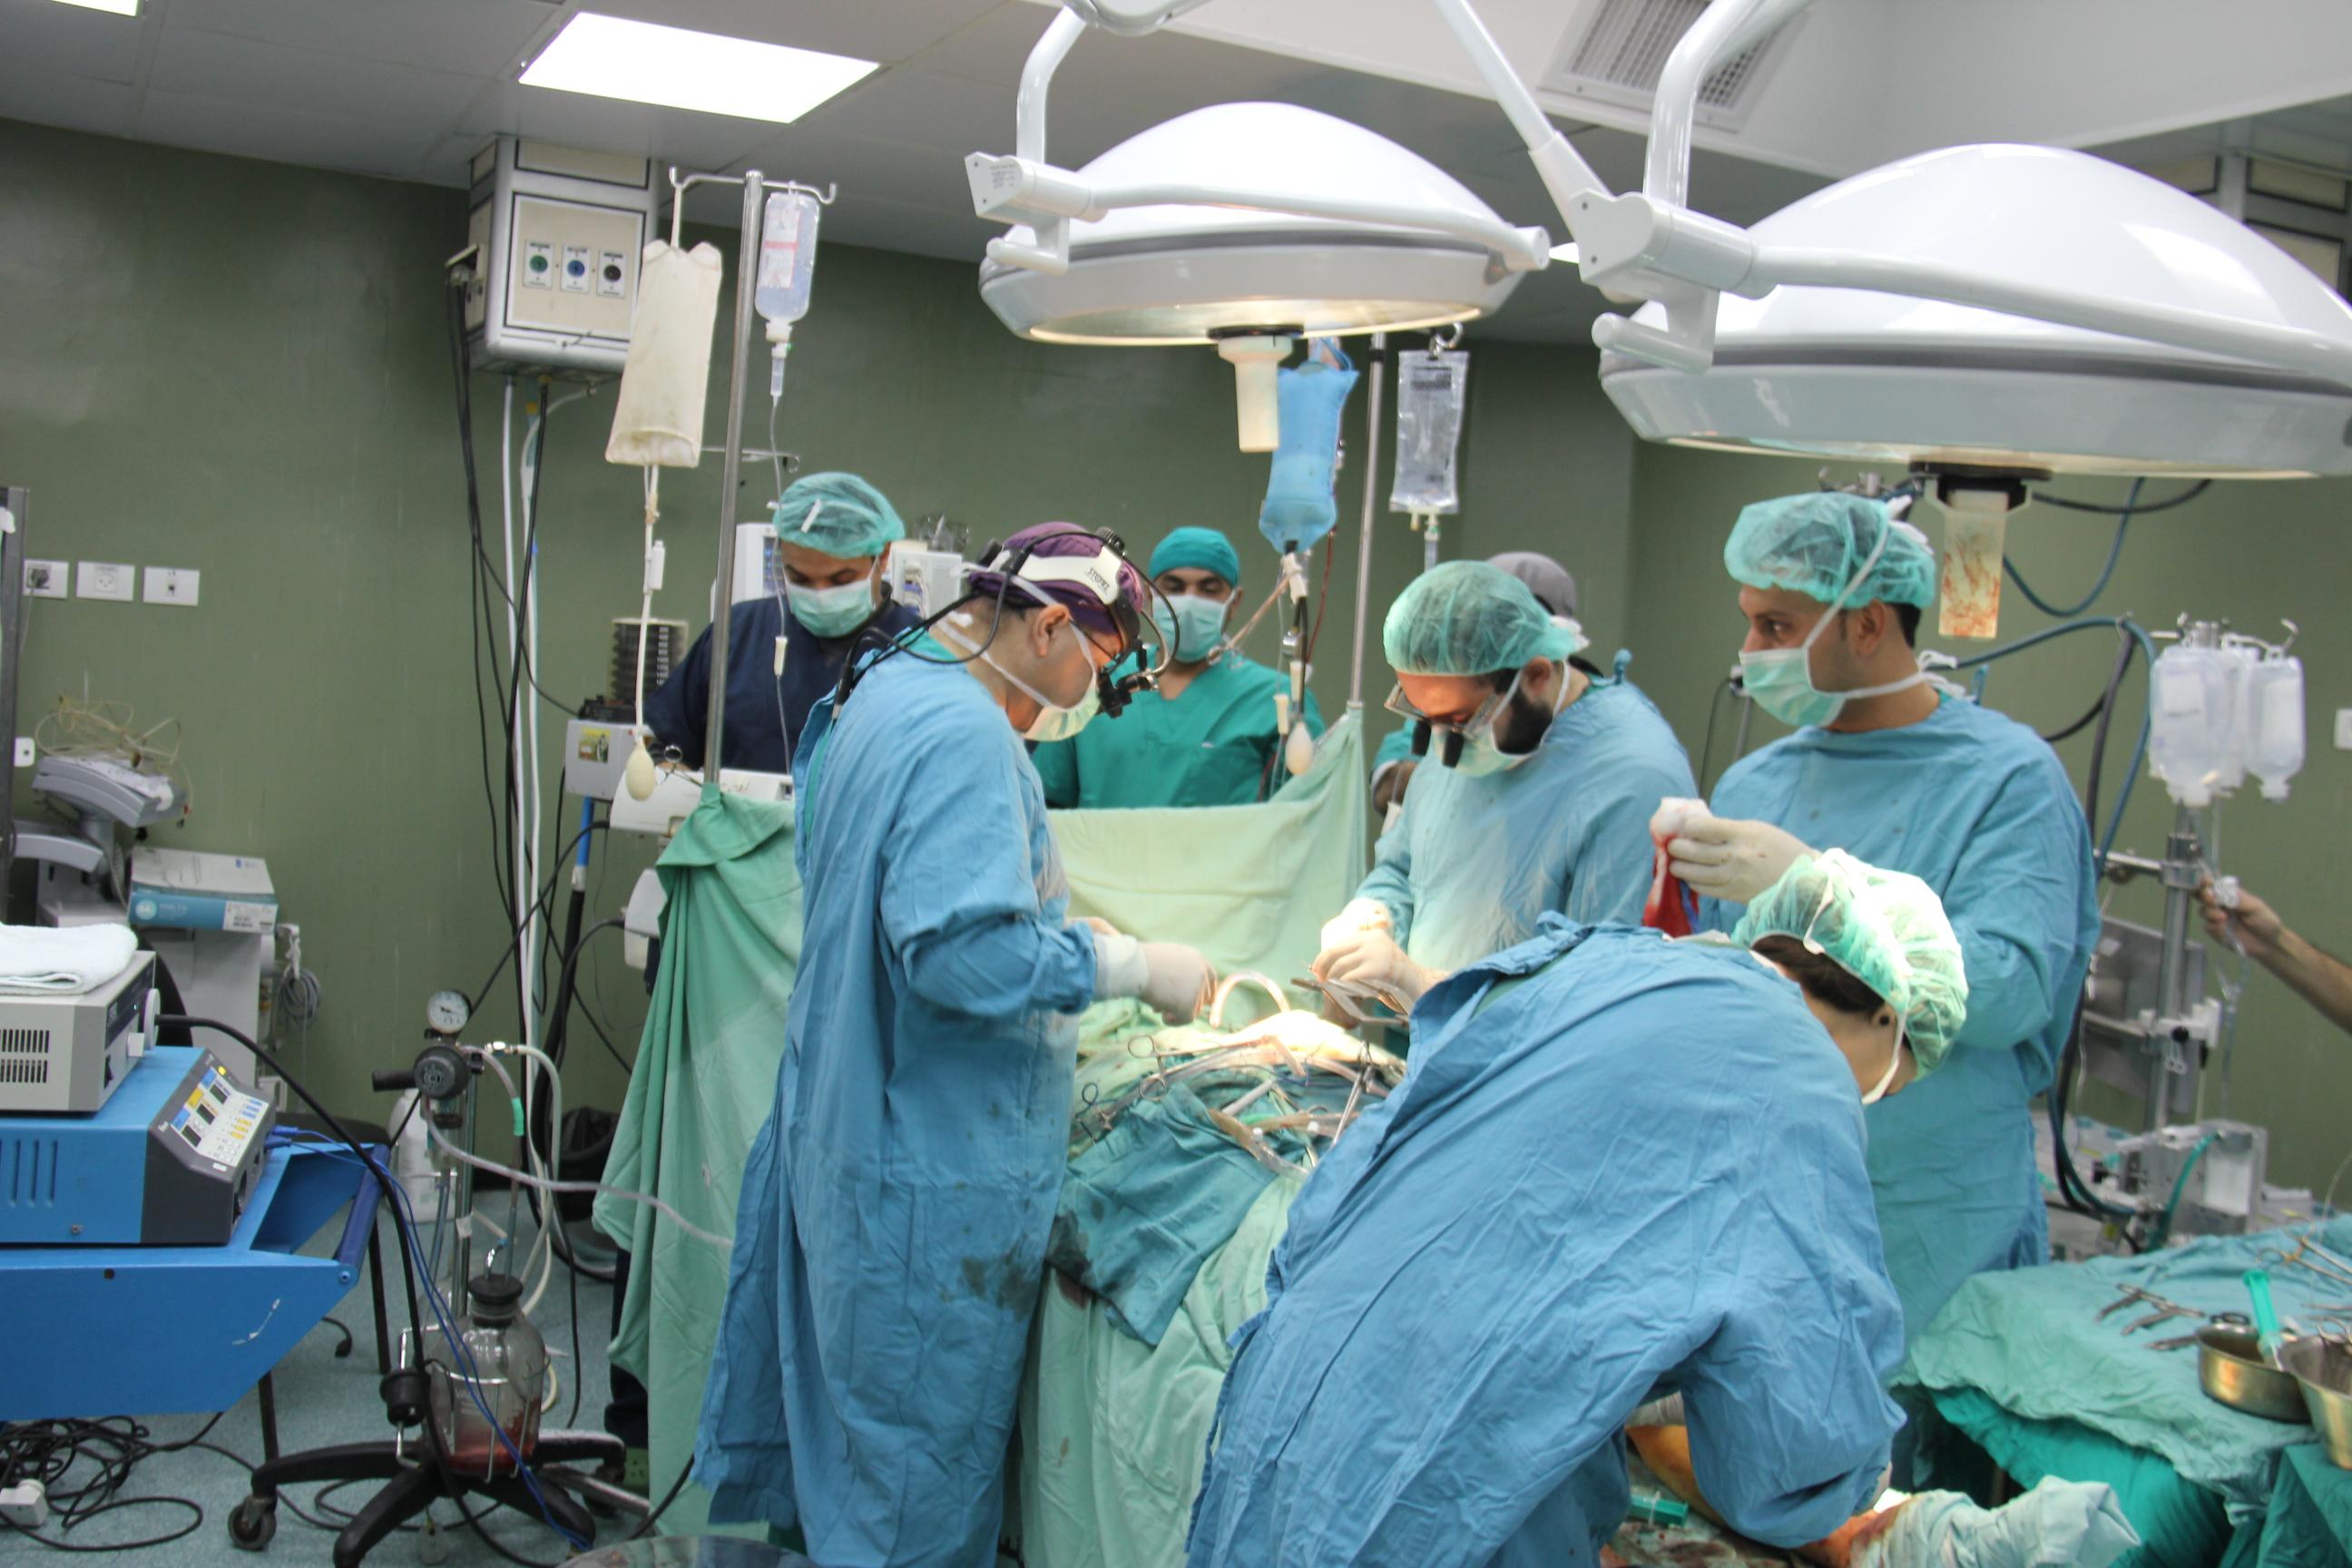 عاجل : إدخال 3 حالات لمستشفى الملكة رانيا بالبترا من الجفر يشتبه إصابتها بأنفلونزا الخنازير و ارتفاع عدد المصابين لـ50